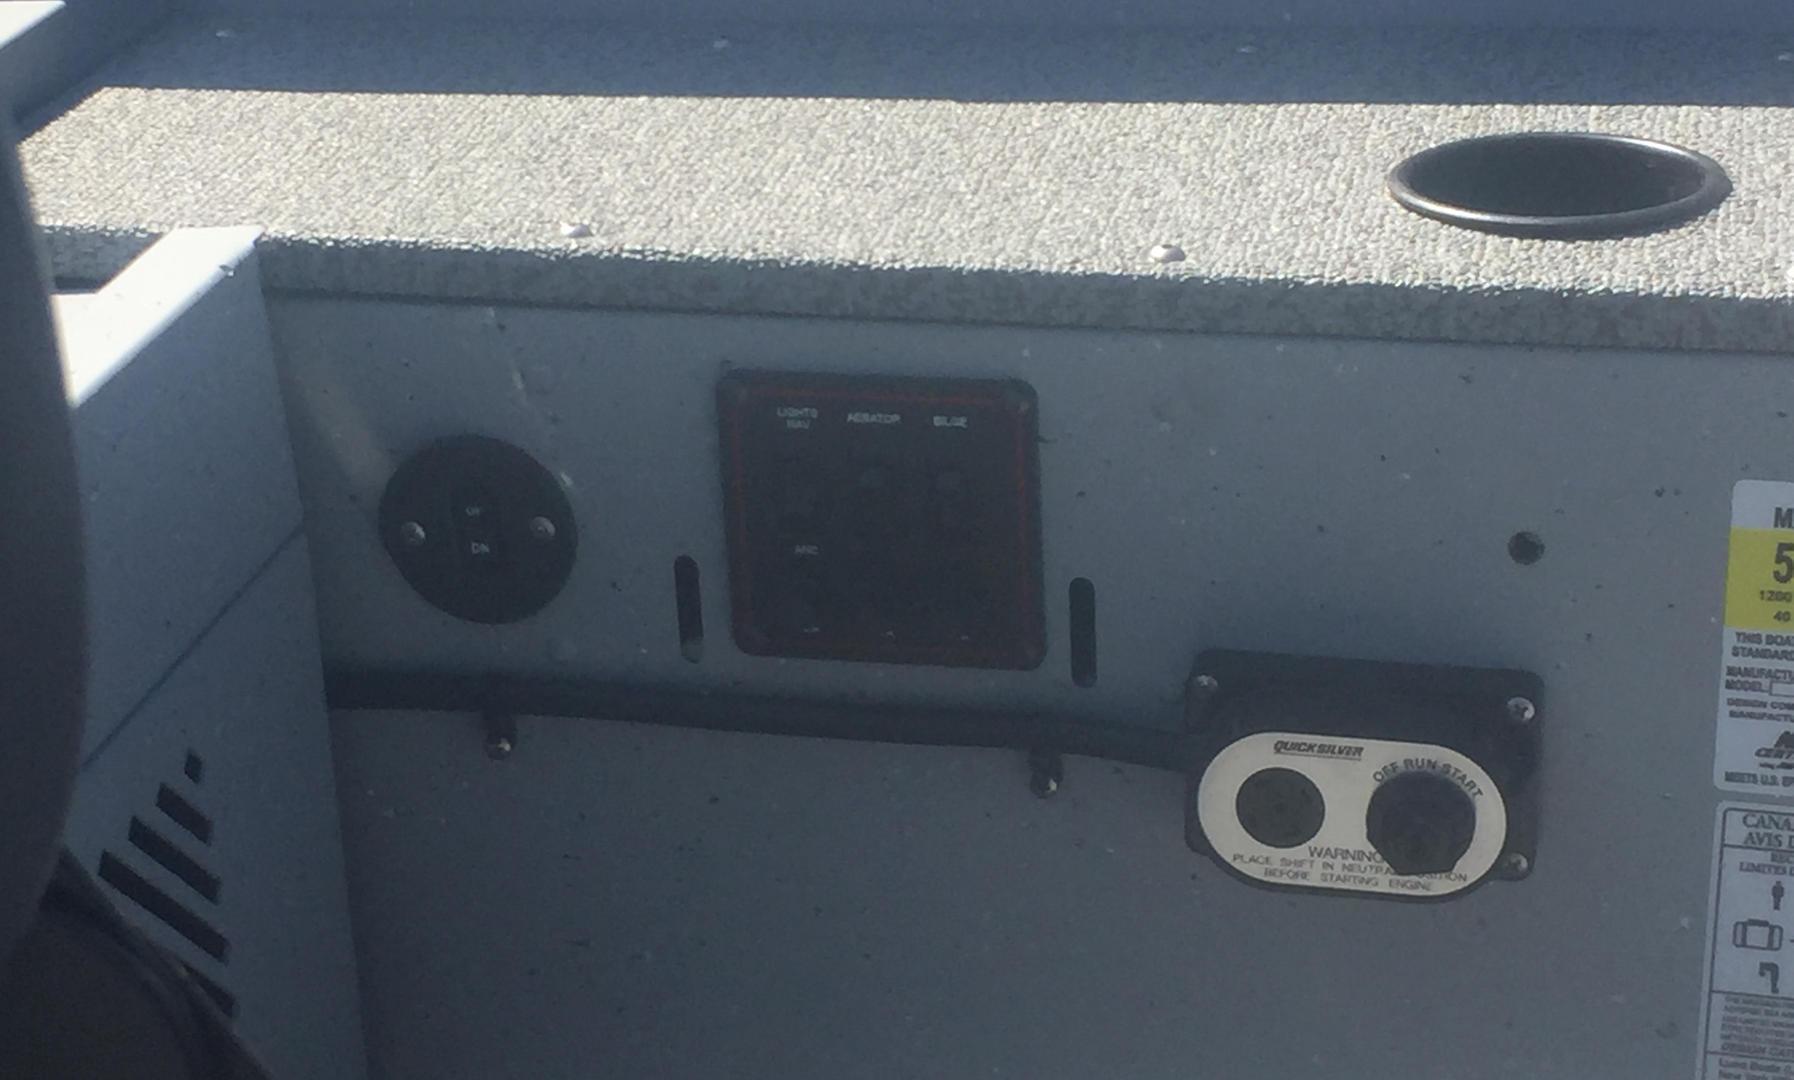 NB 1600 FURY TILLER 009.JPG